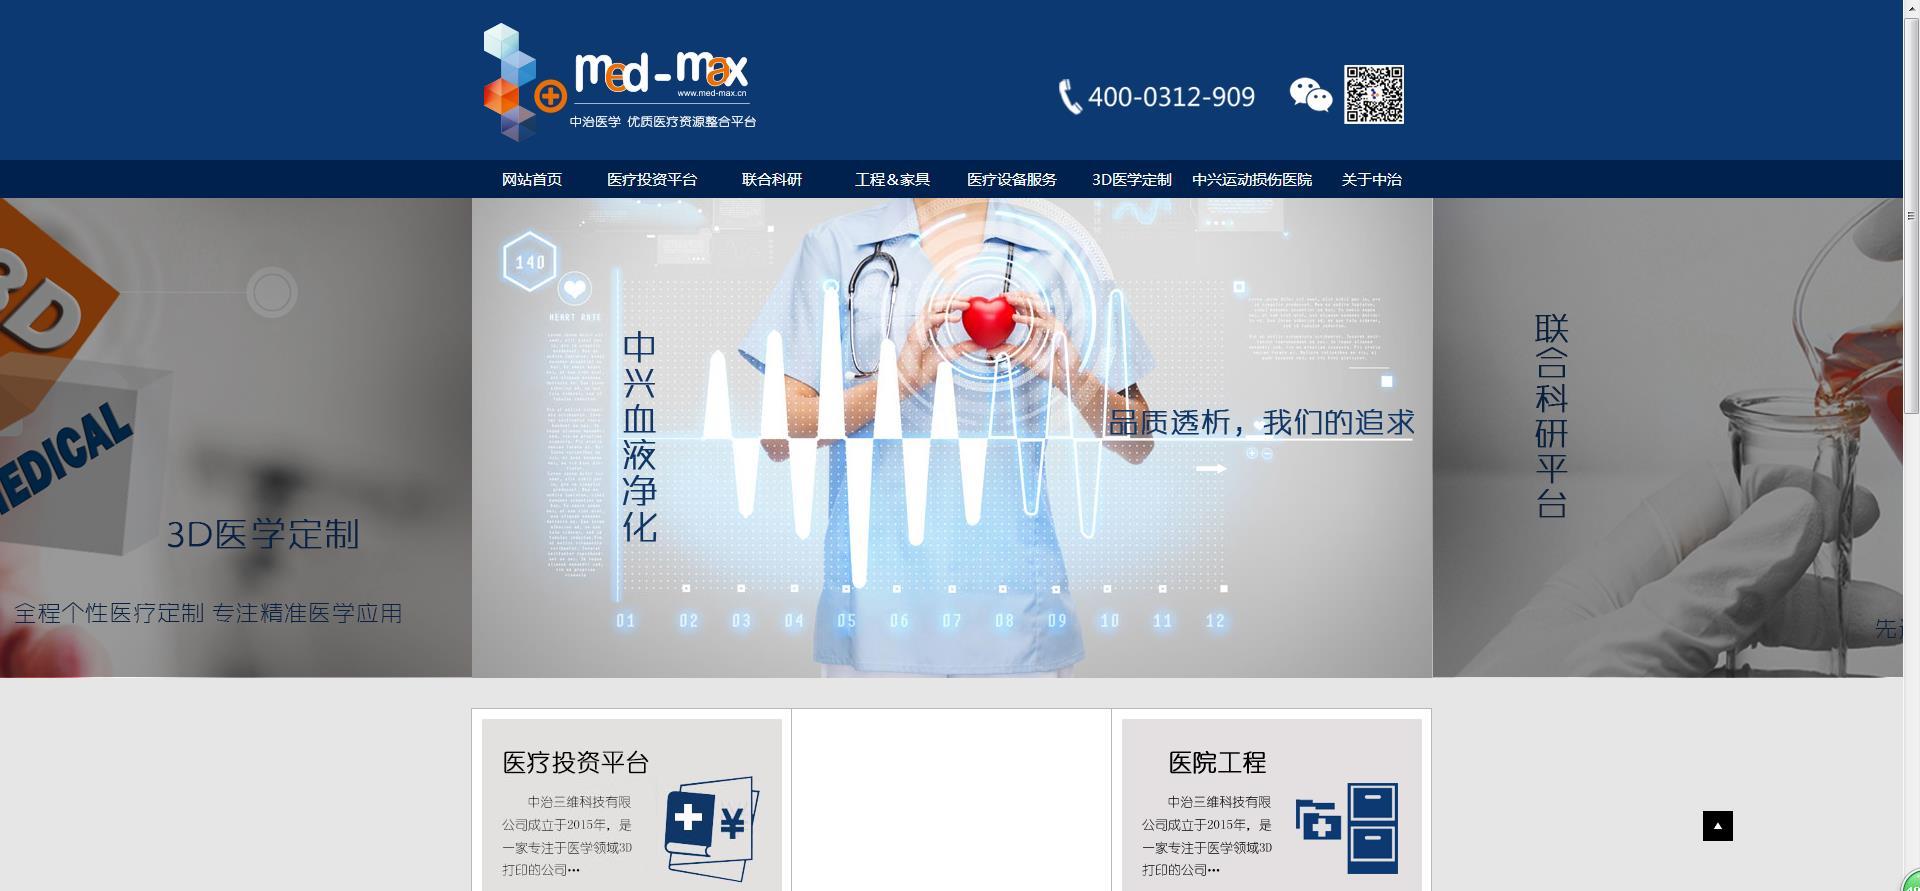 广州中治三维科技有限公司